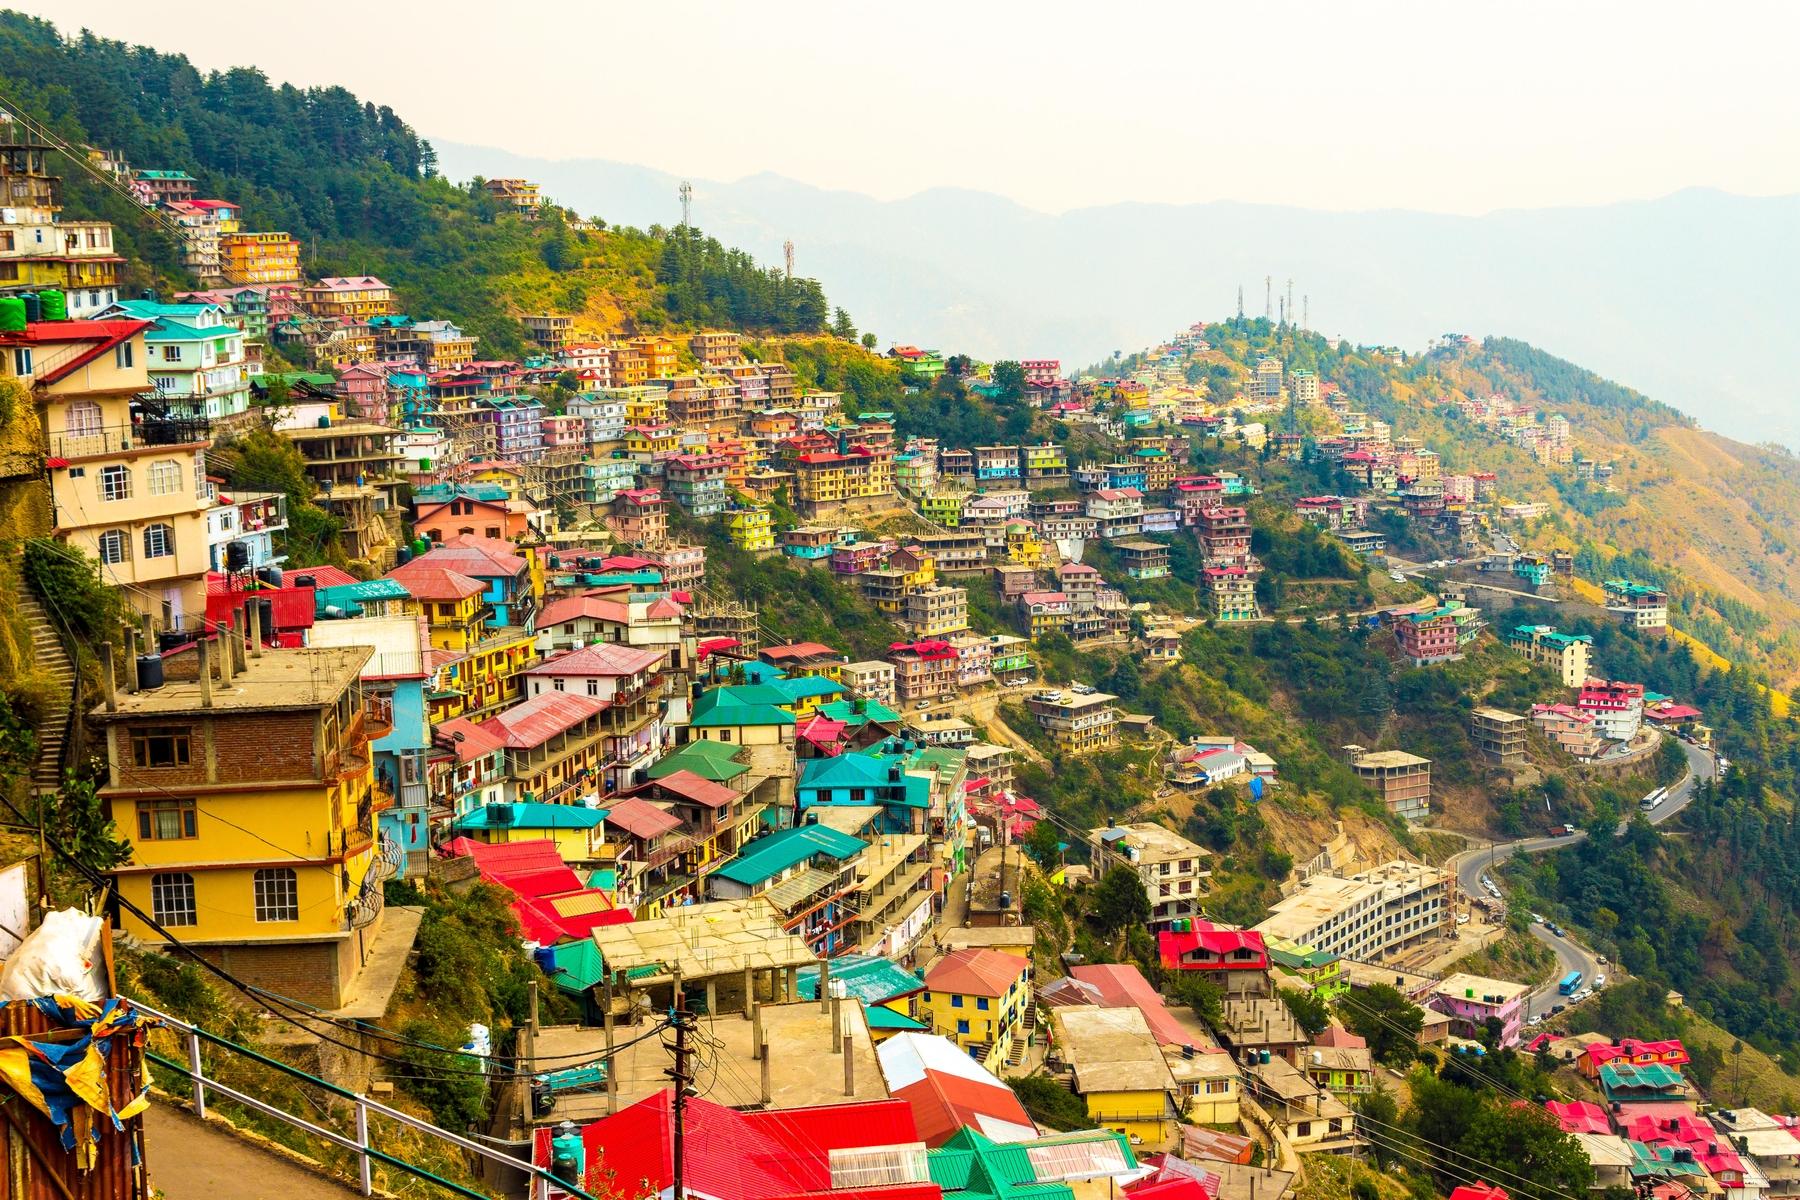 El colorido de las ciudades mexicanas es inigualable